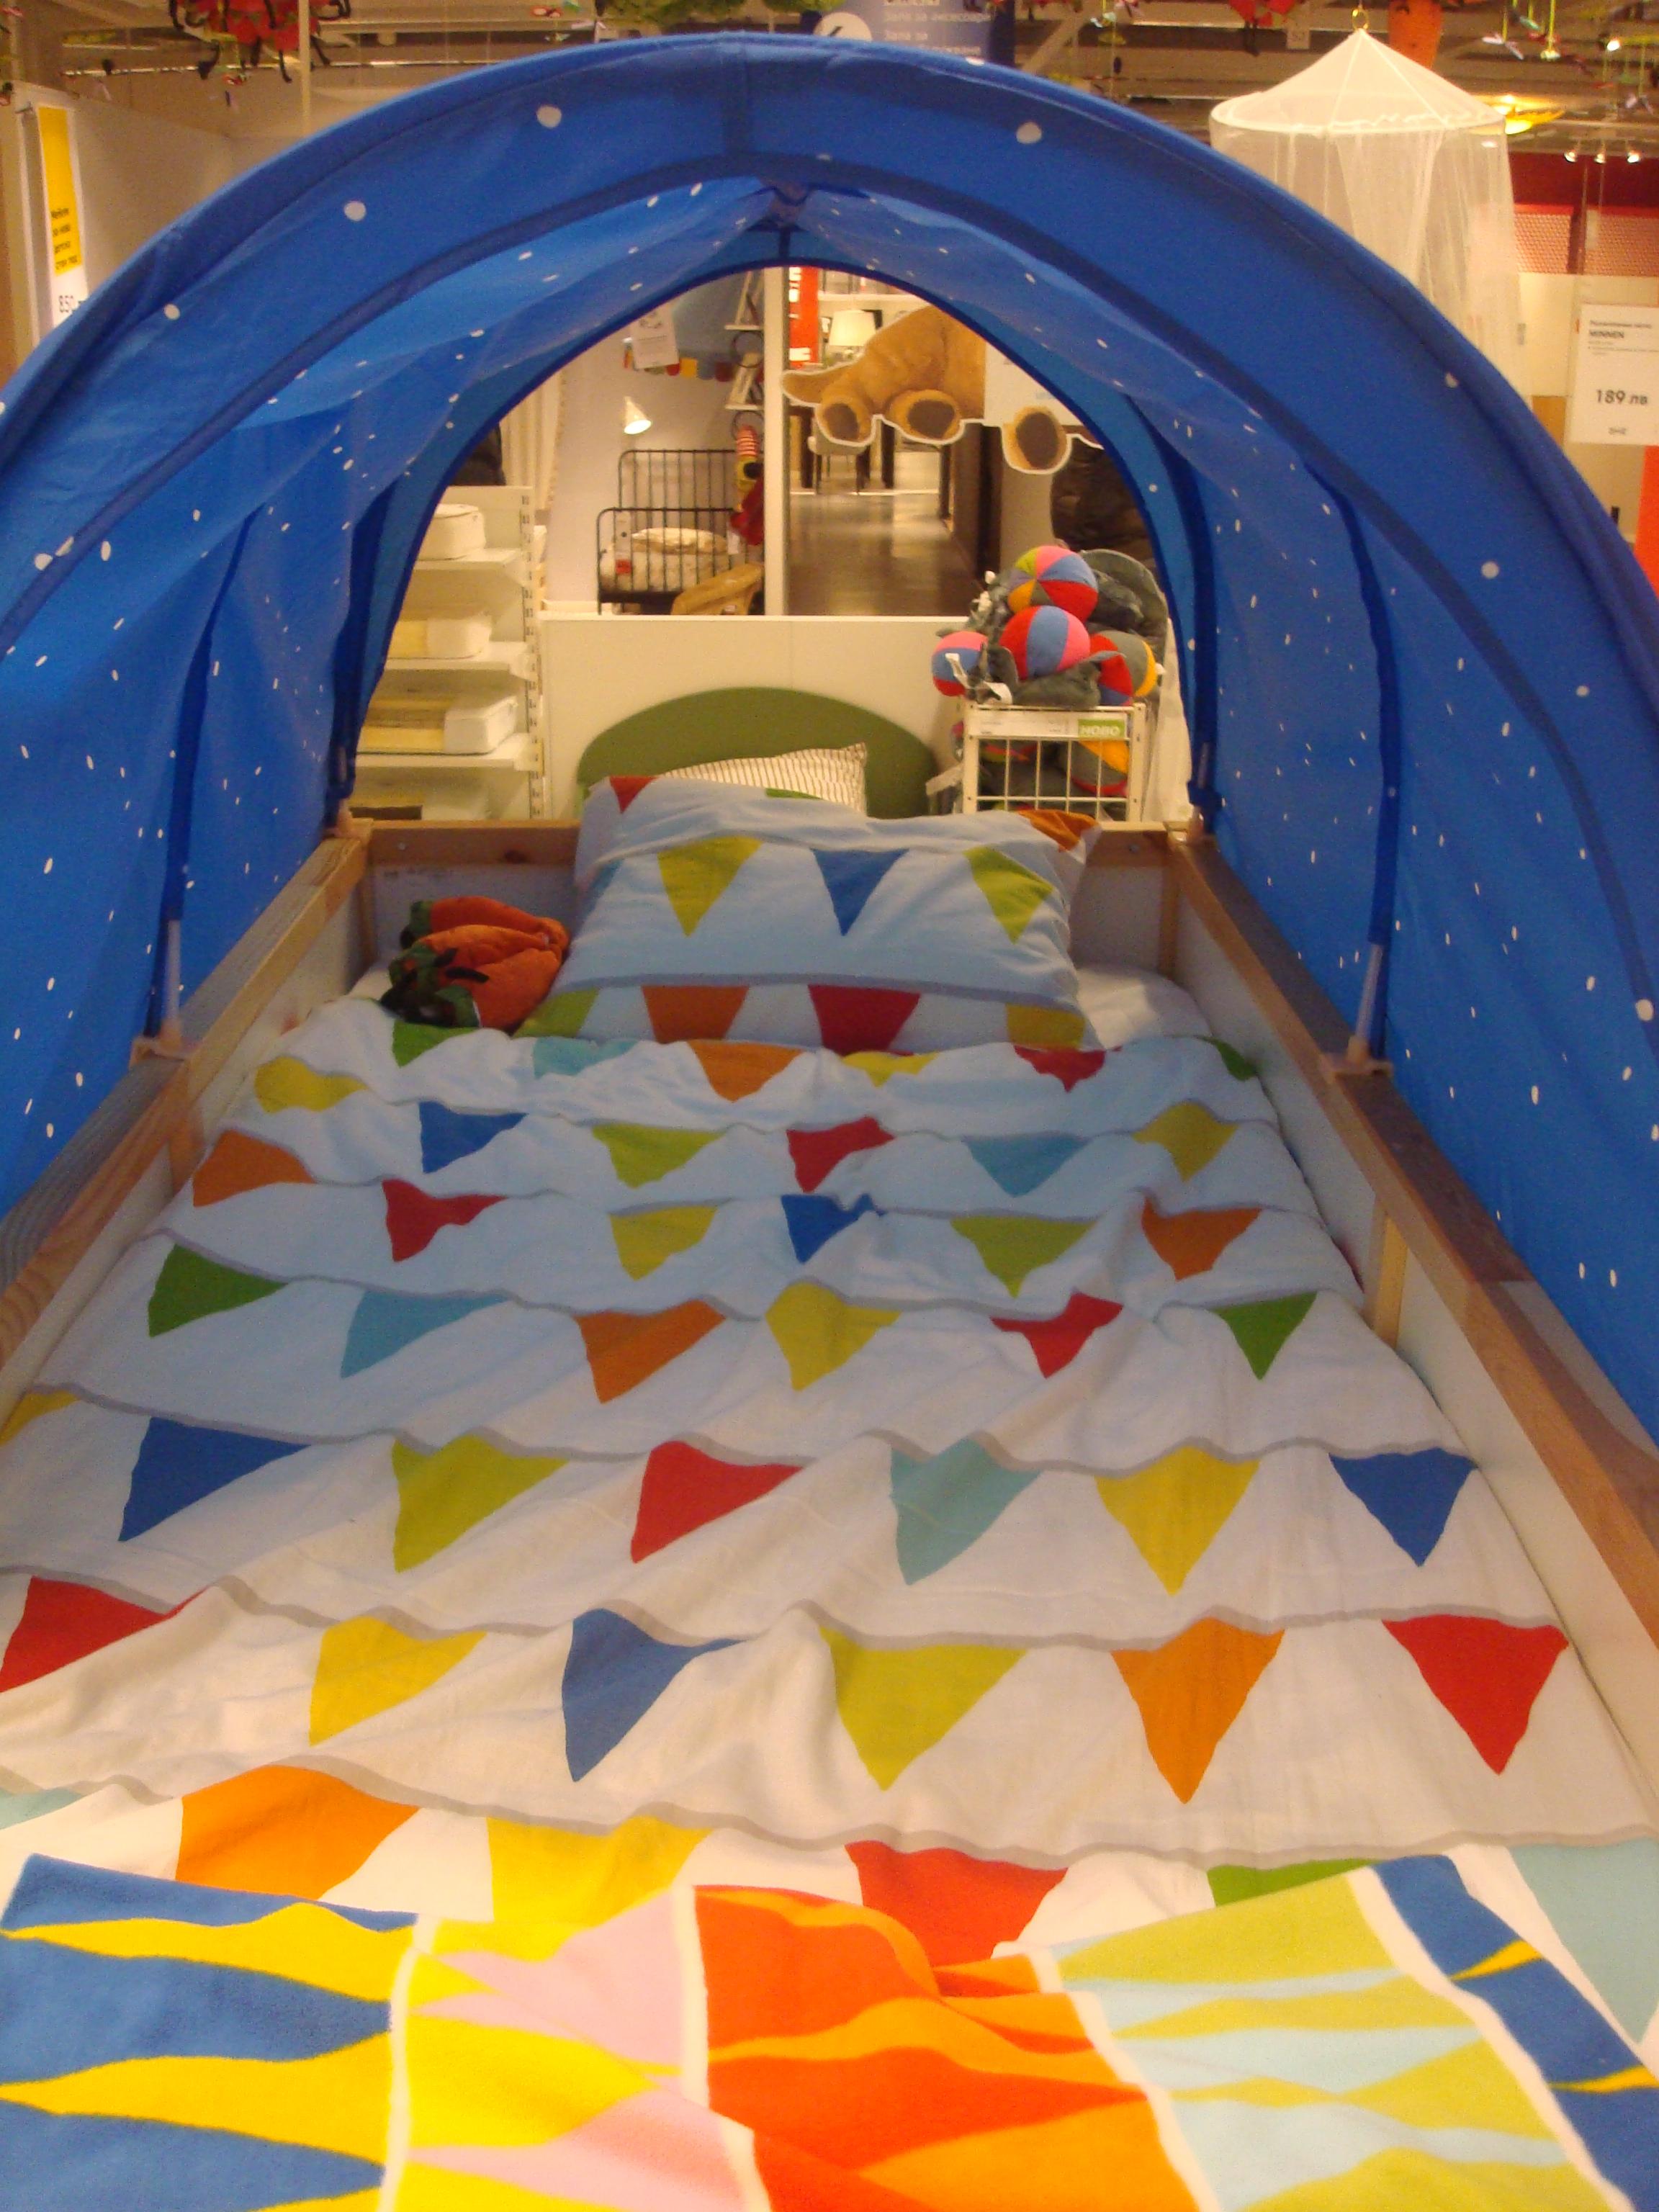 Children's bed photo